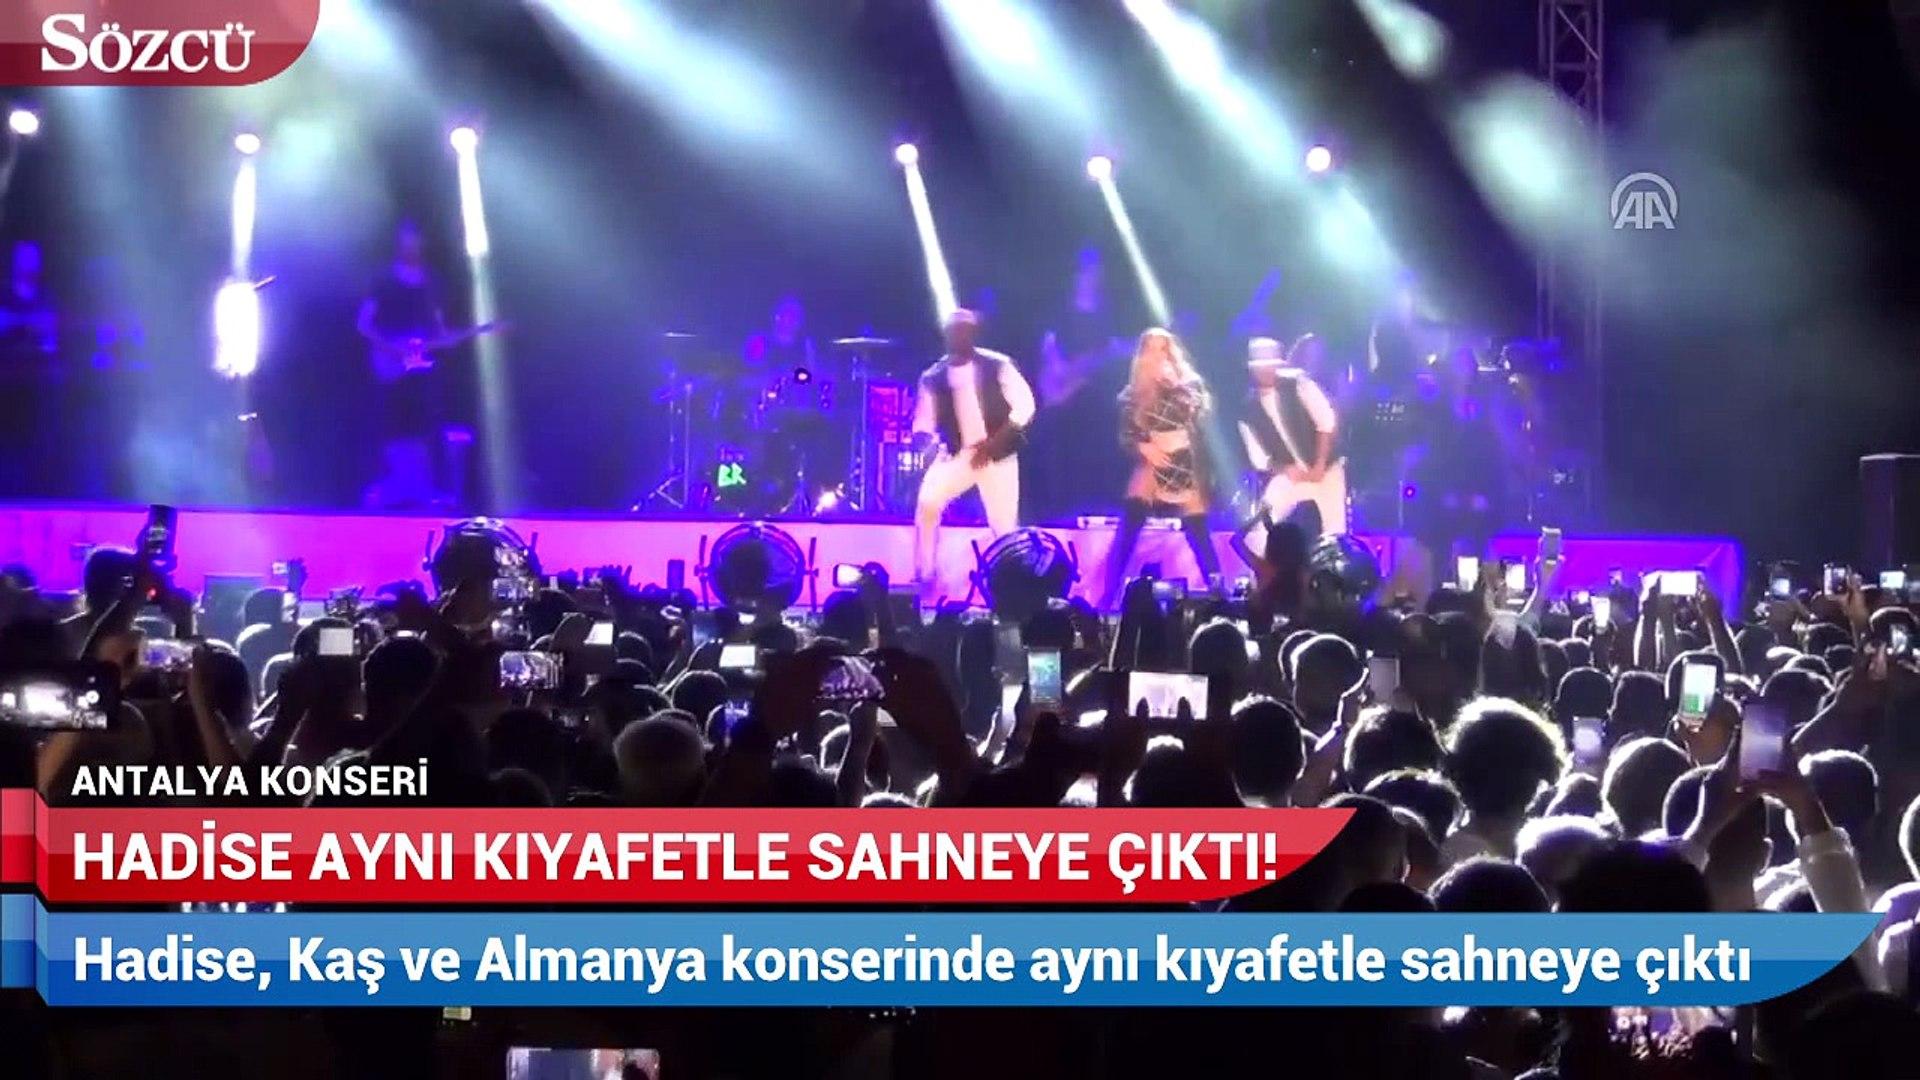 Hadise, Kaş ve Almanya konserinde aynı kıyafetle sahneye çıktı